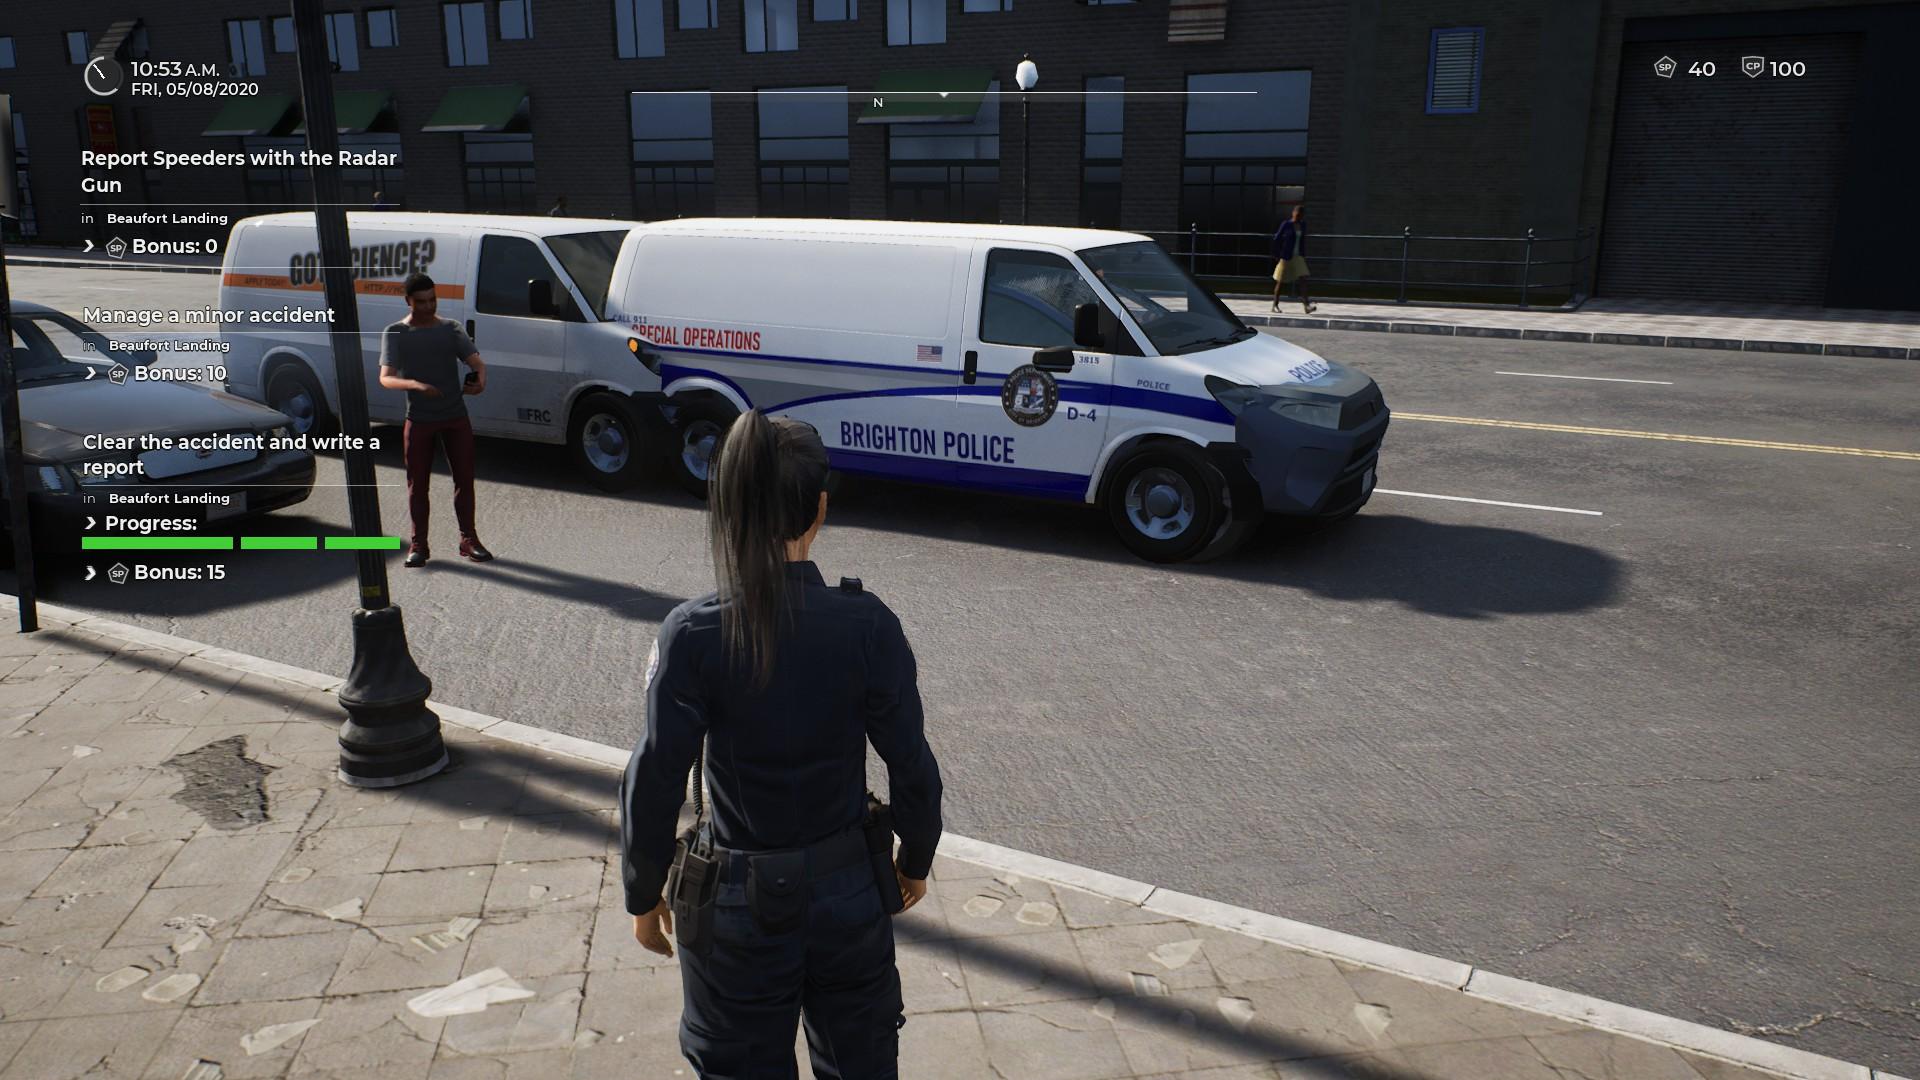 Police Simulator: Patrol Officers : Le jeu est encore truffé de bogues au niveau des graphismes, comme des véhicules qui s'imbriquent un dans l'autre